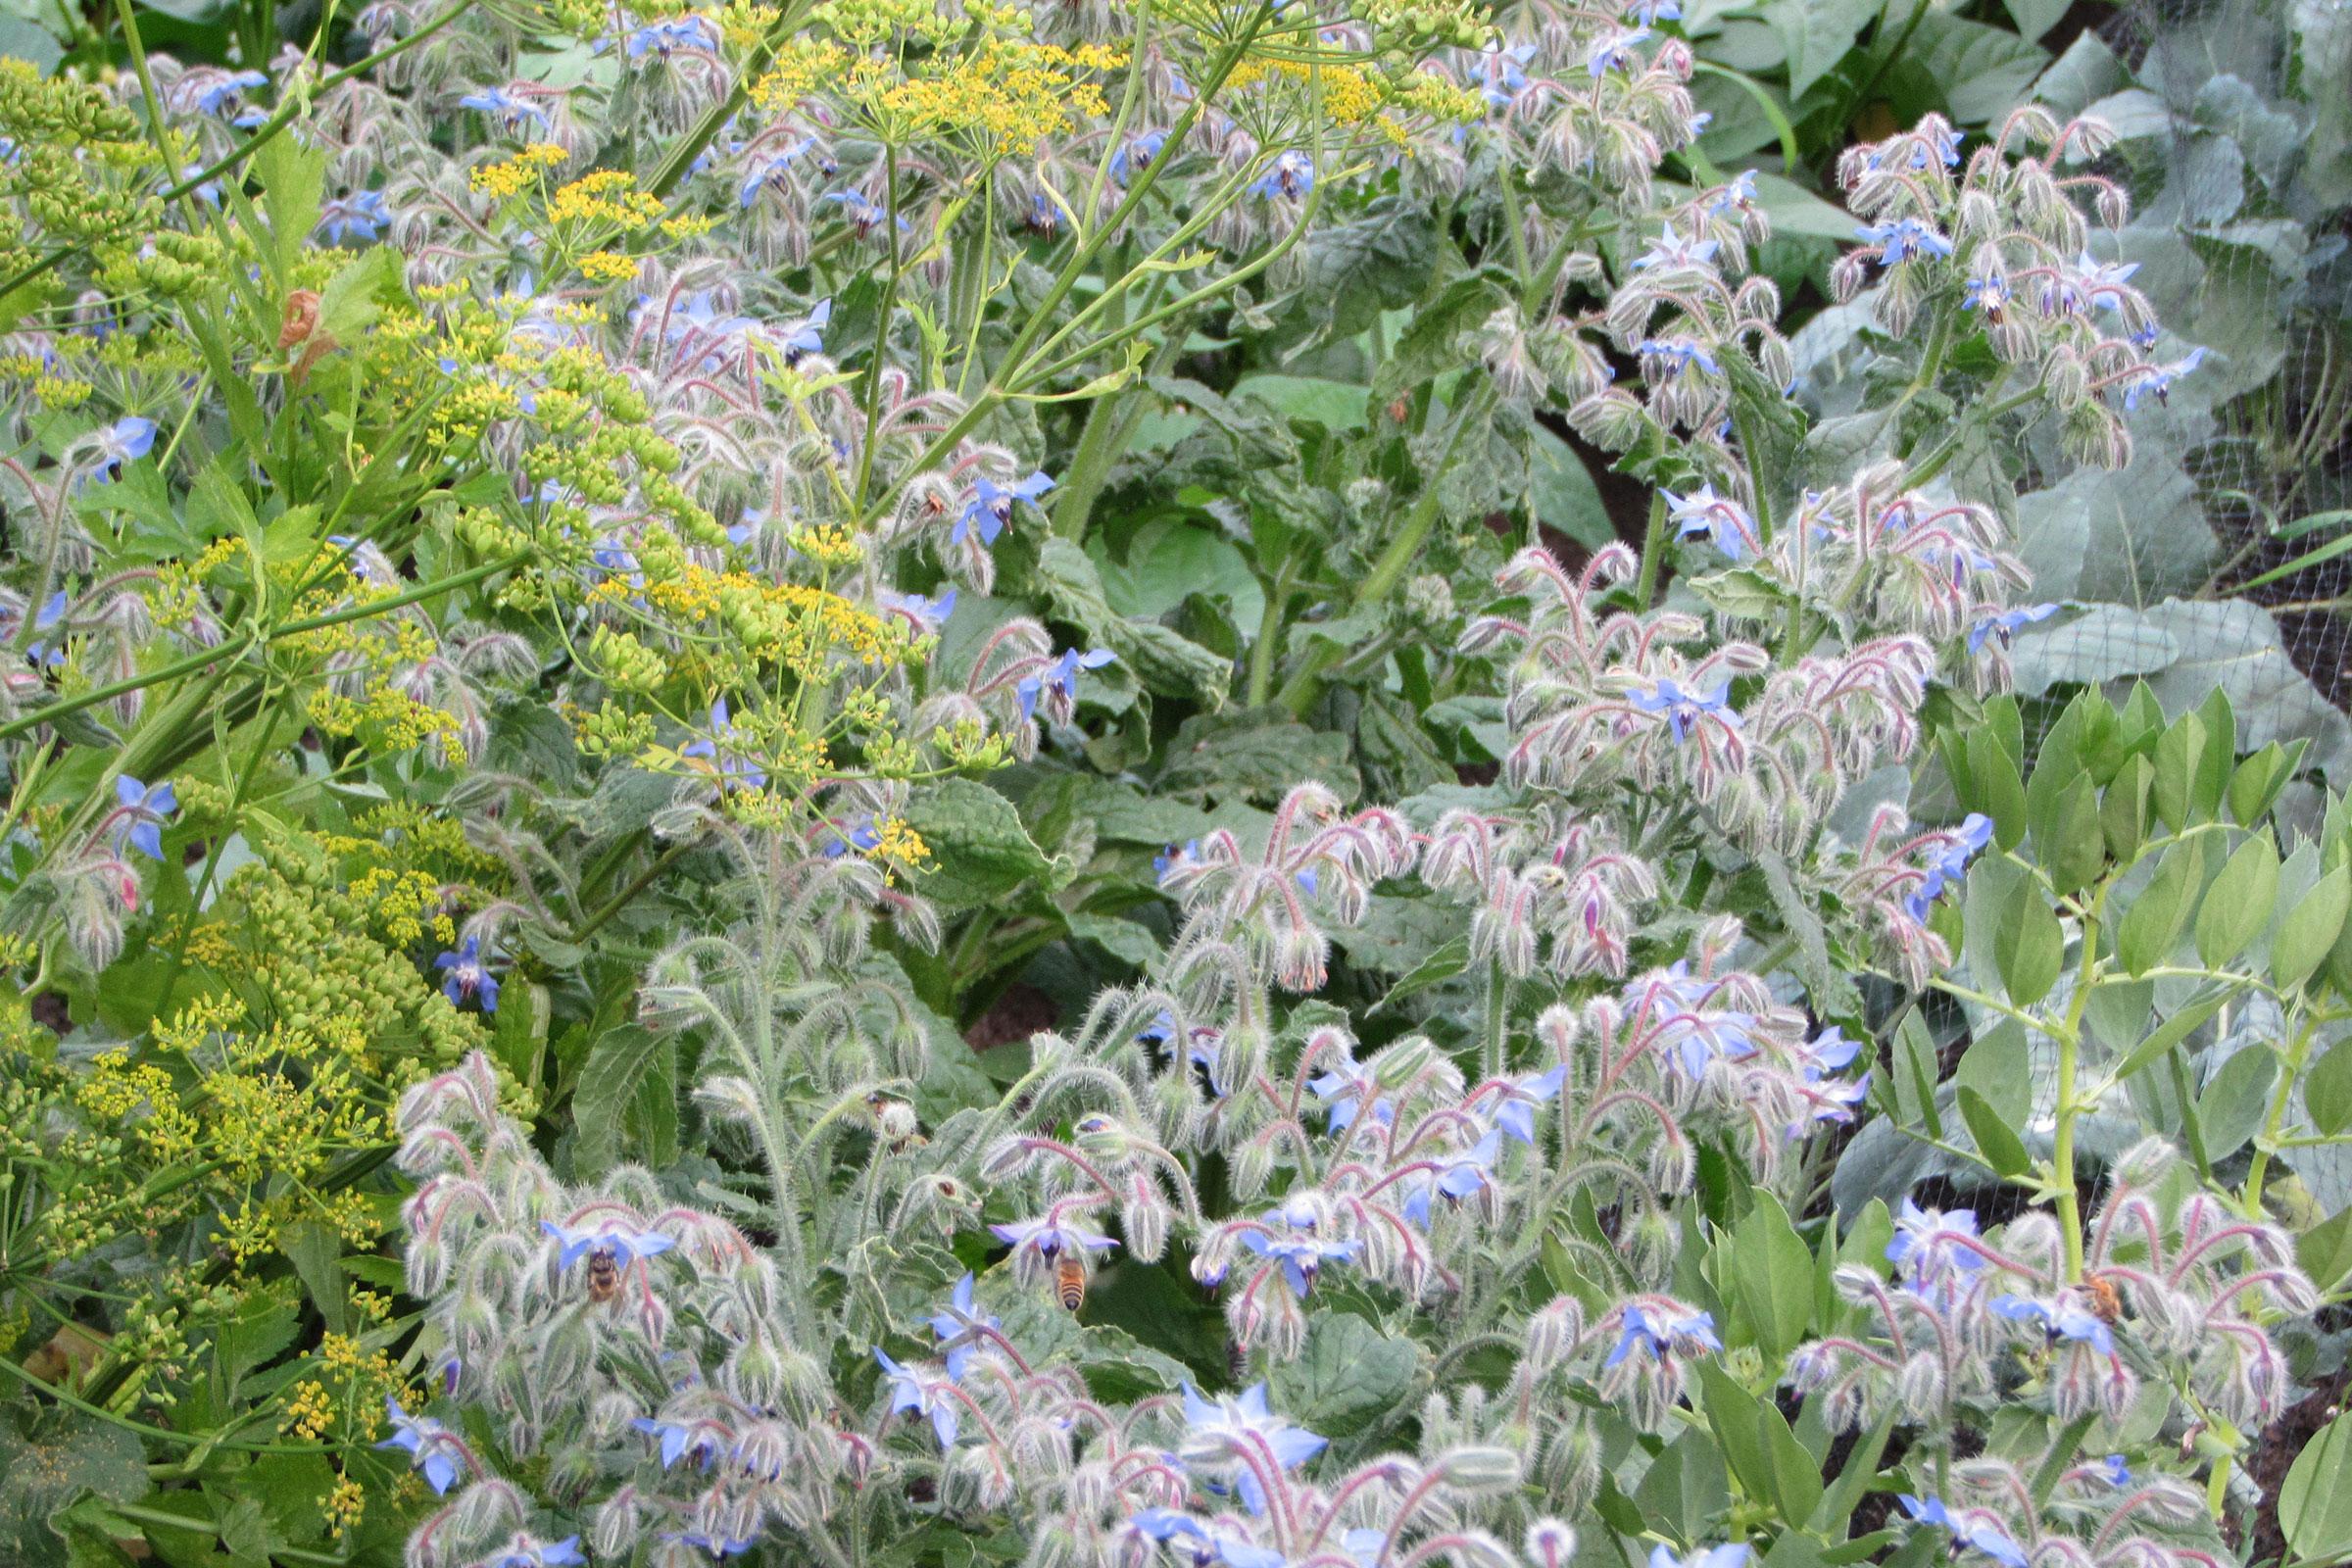 Kräutergarten mit Dill und Borretsch